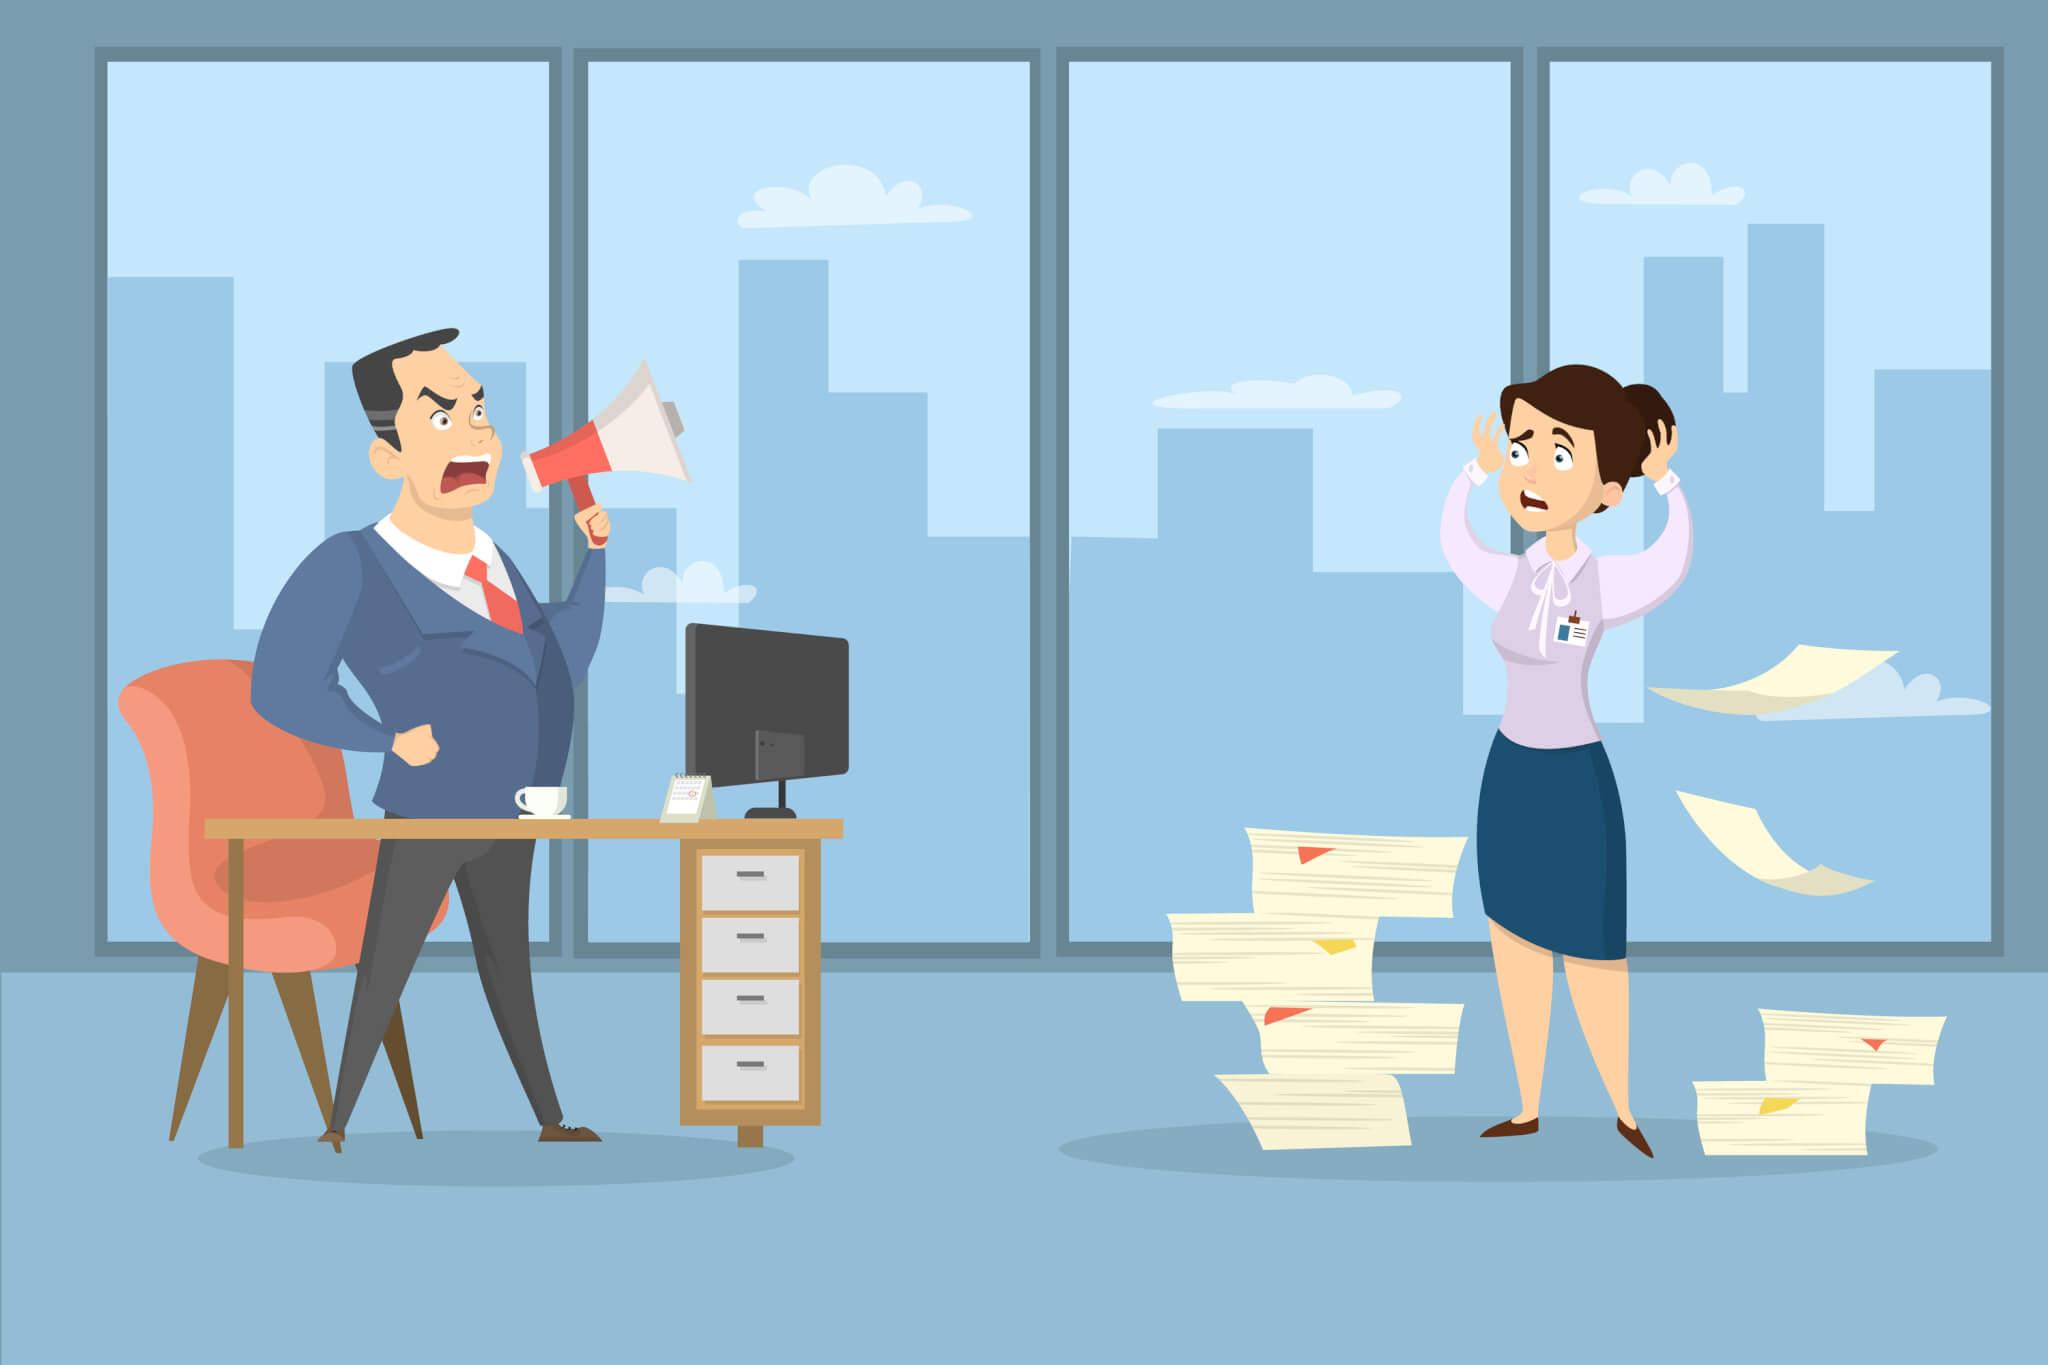 سیستم مدیریت دانش (KMS) چیست؟